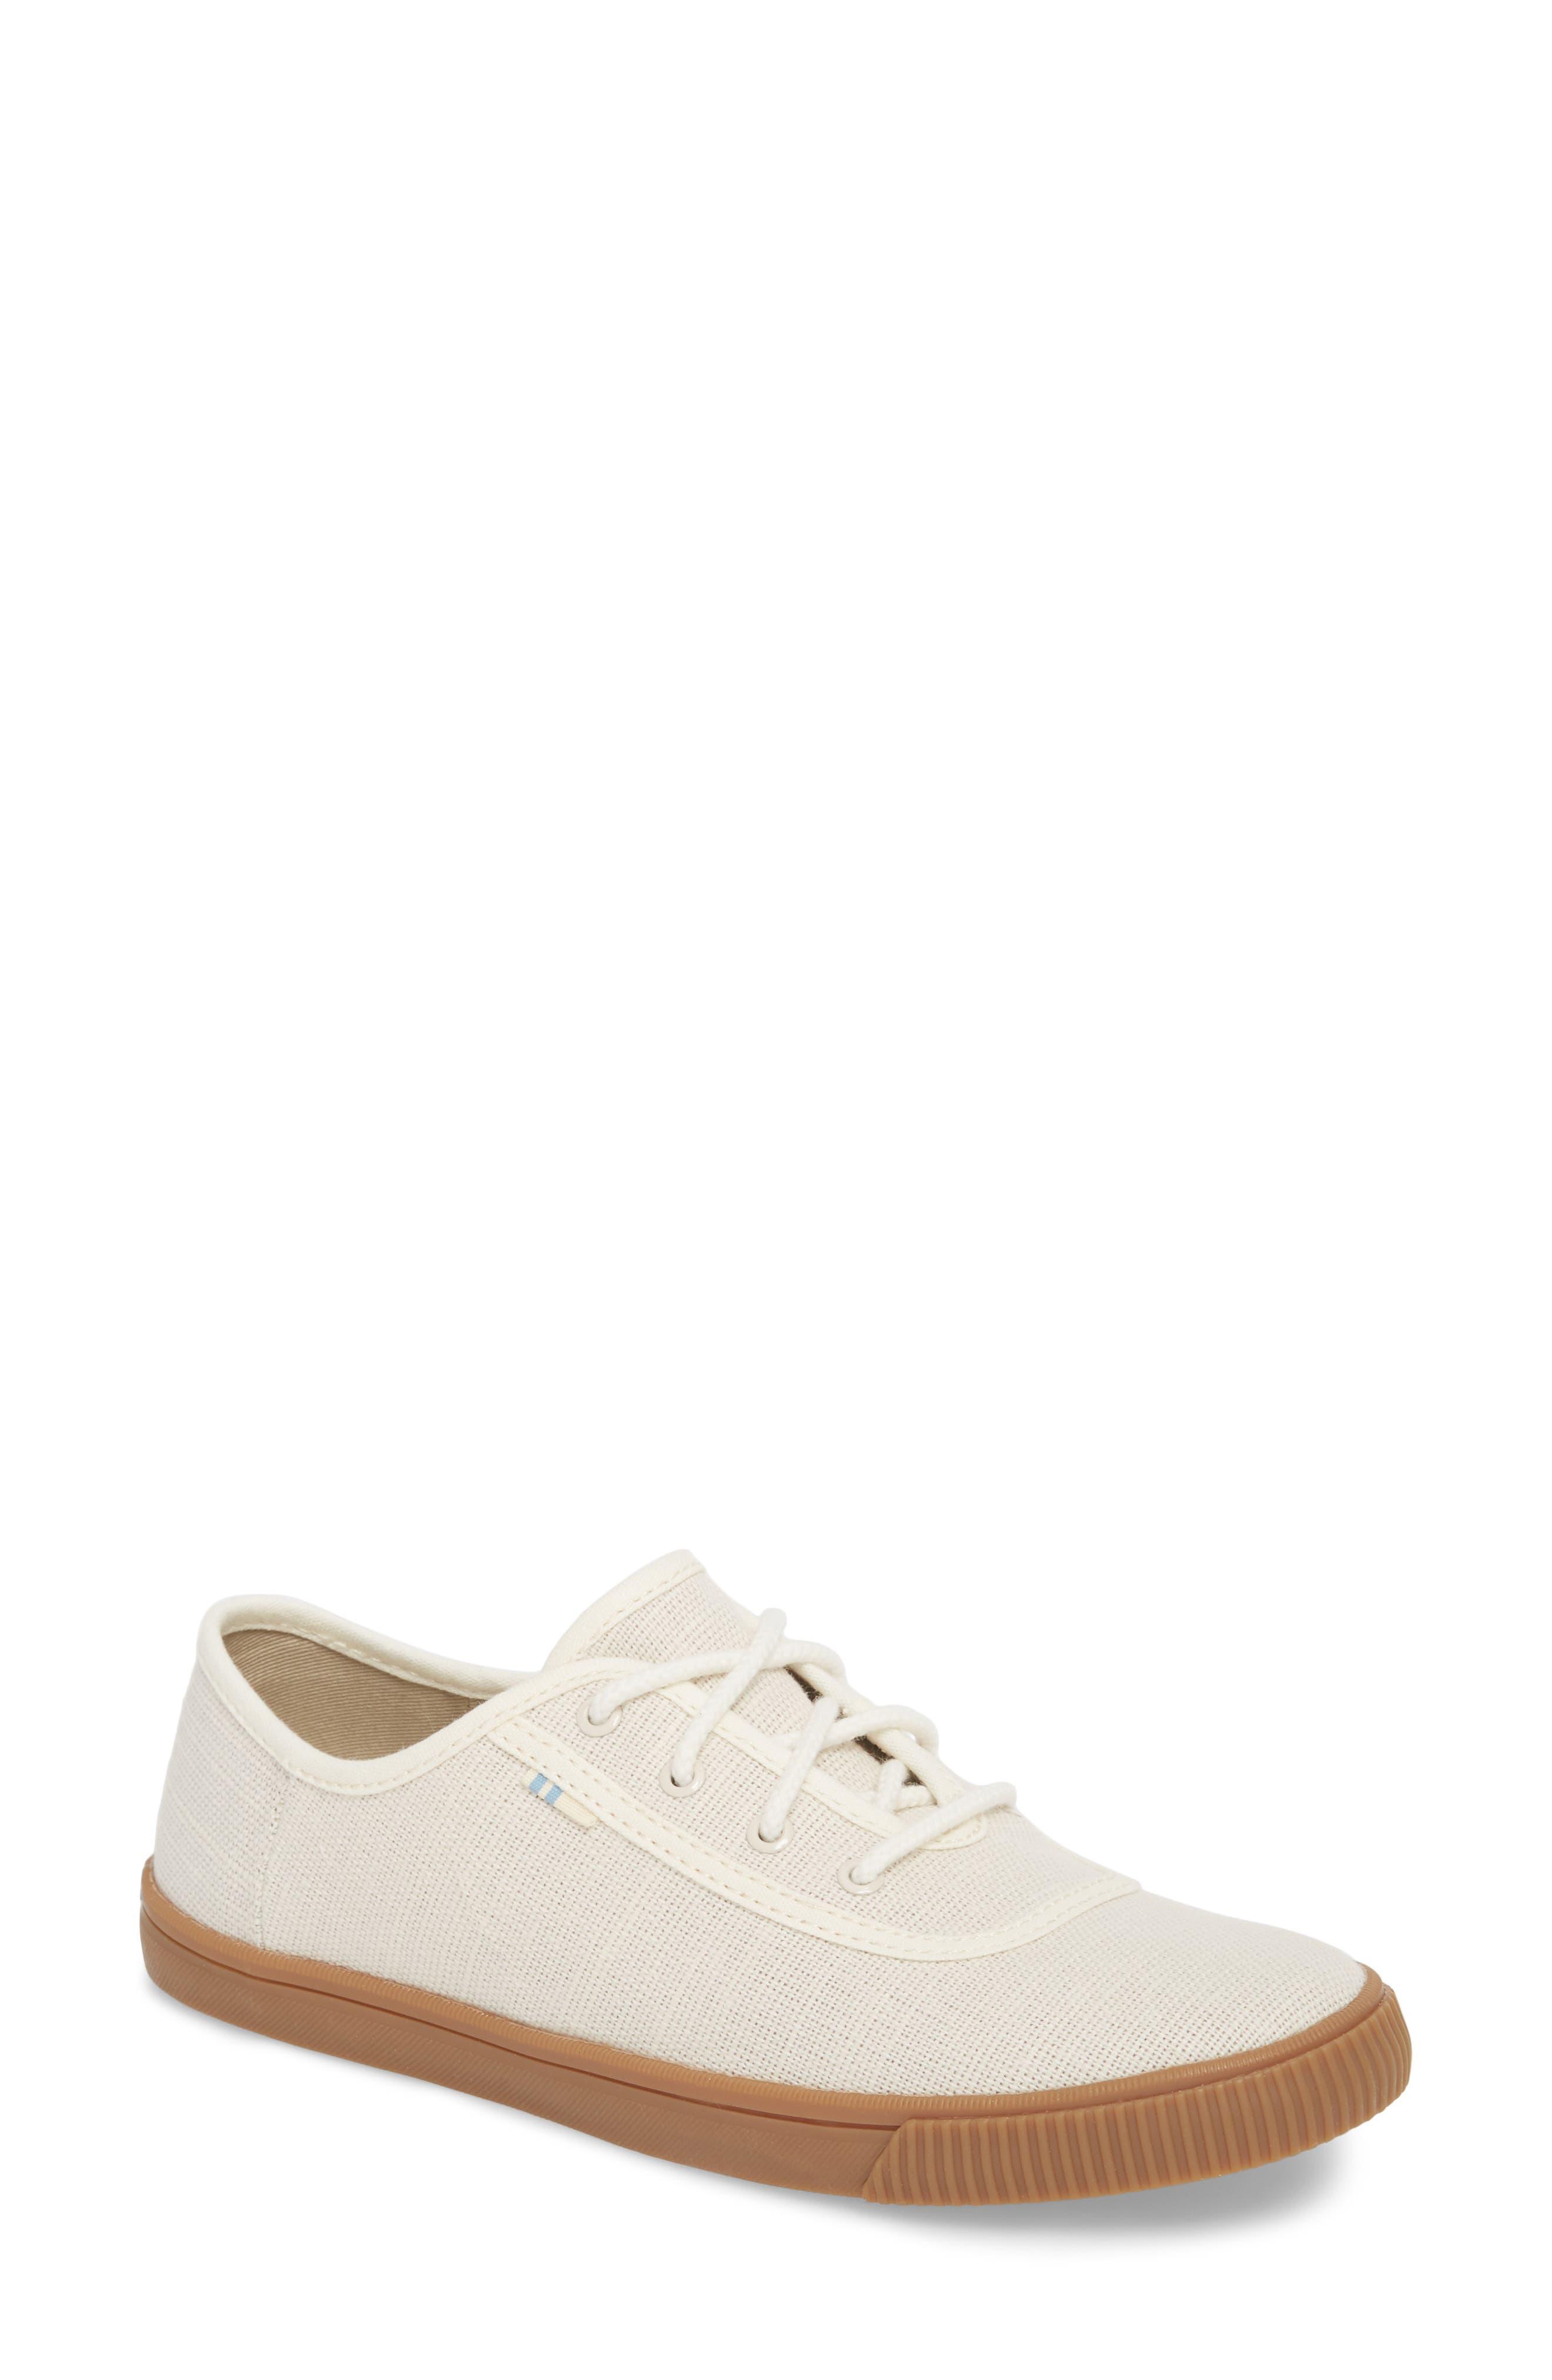 Toms Carmel Sneaker In Birch Heritage